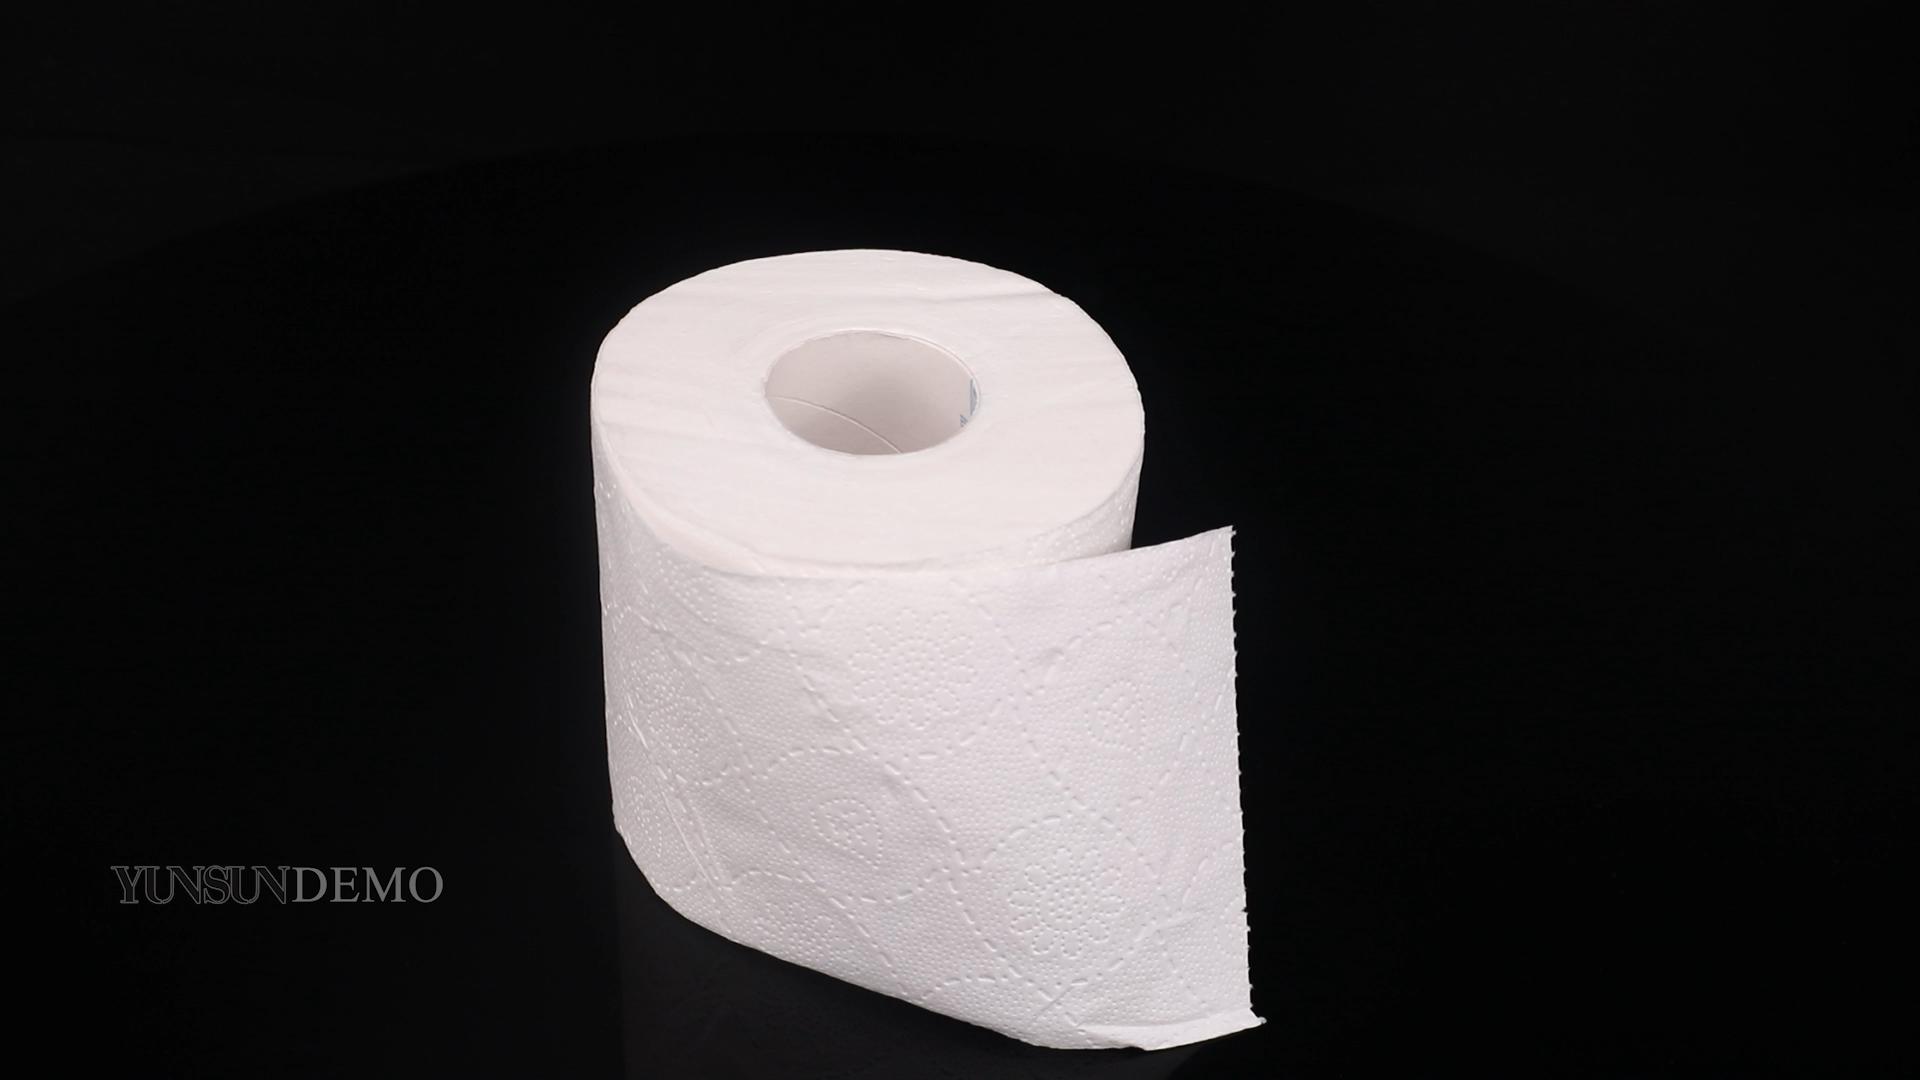 นุ่มนูนบริสุทธิ์เยื่อห้องน้ำเนื้อเยื่อเนื้อเยื่อใบหน้า120 100% เยื่อไม้บริสุทธิ์2020ในสหรัฐอเมริกา